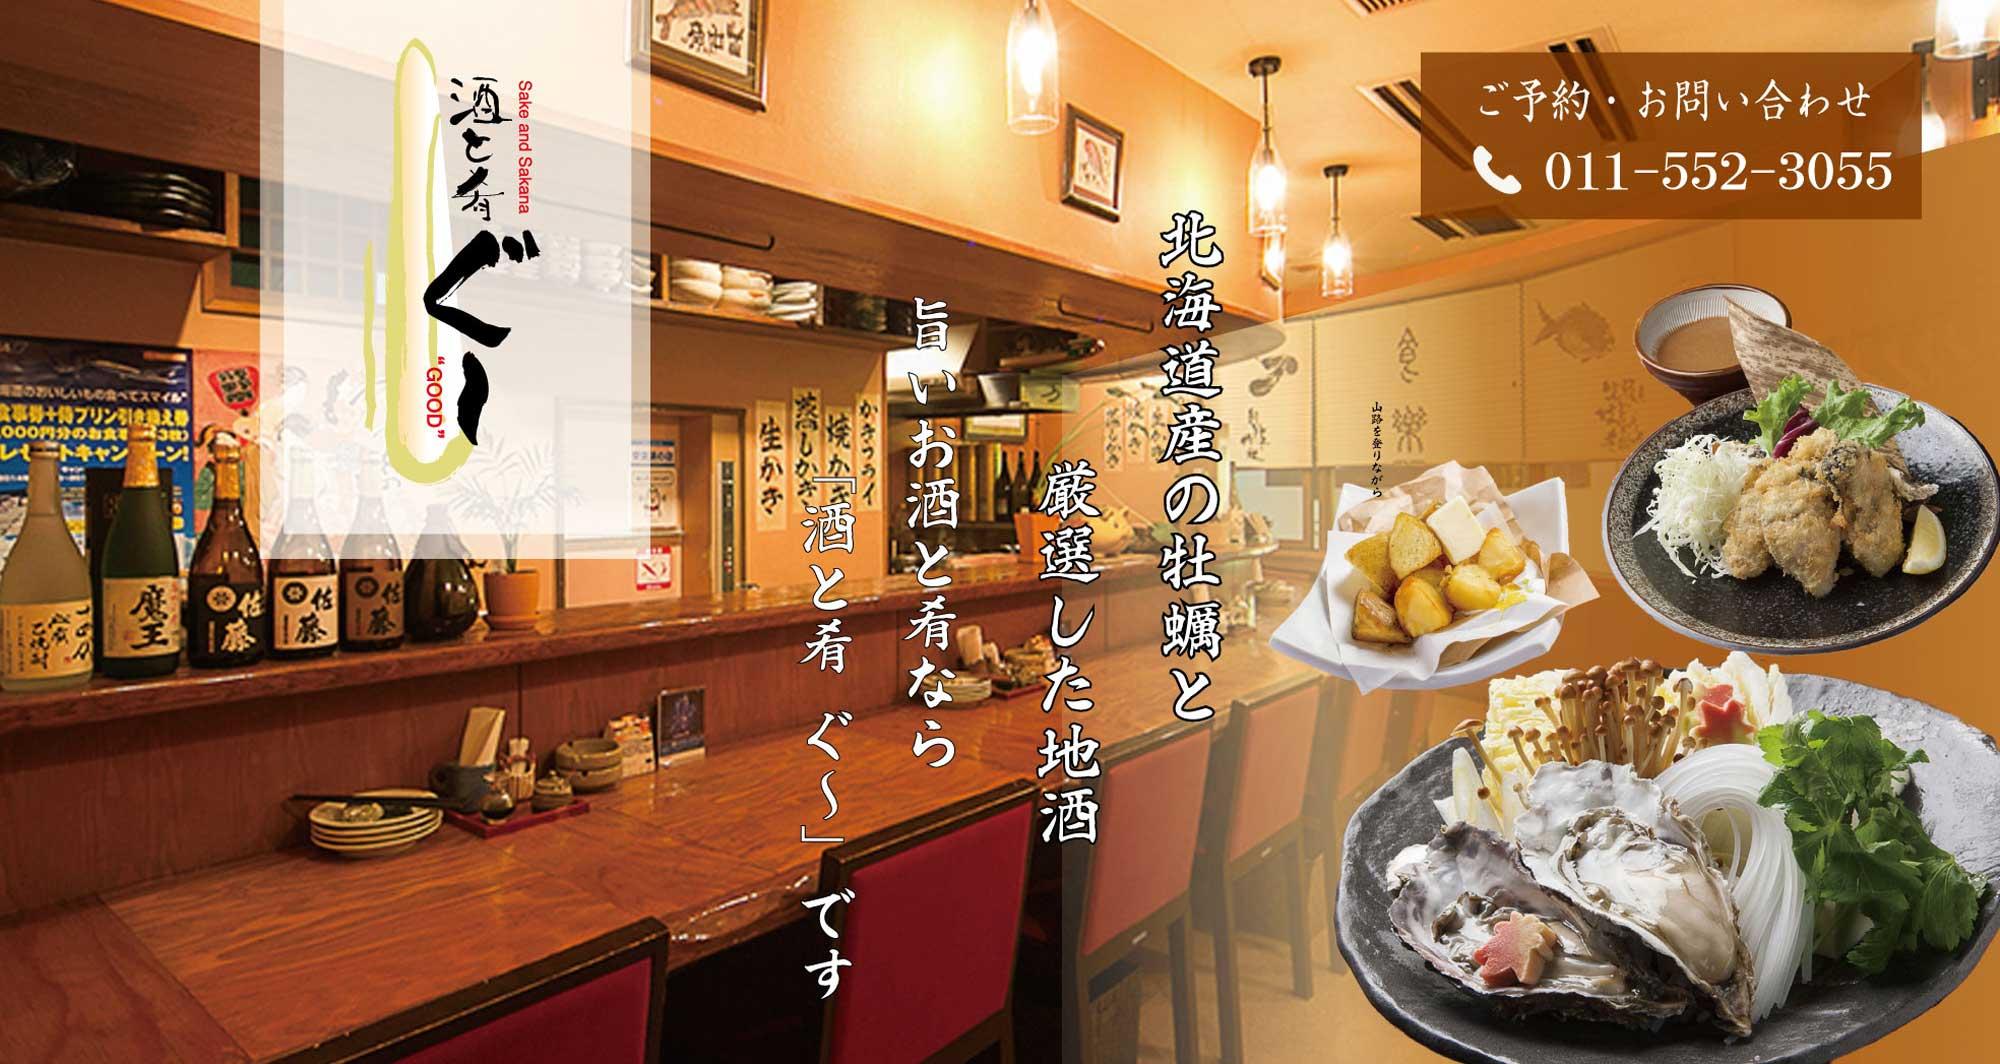 札幌すすきの(薄野)の居酒屋(株)Aクルーズ『ぐ~』。自慢の牡蠣(かき)と定番から希少価値の高い地酒が売り。海鮮と大将拘りの料理を是非!